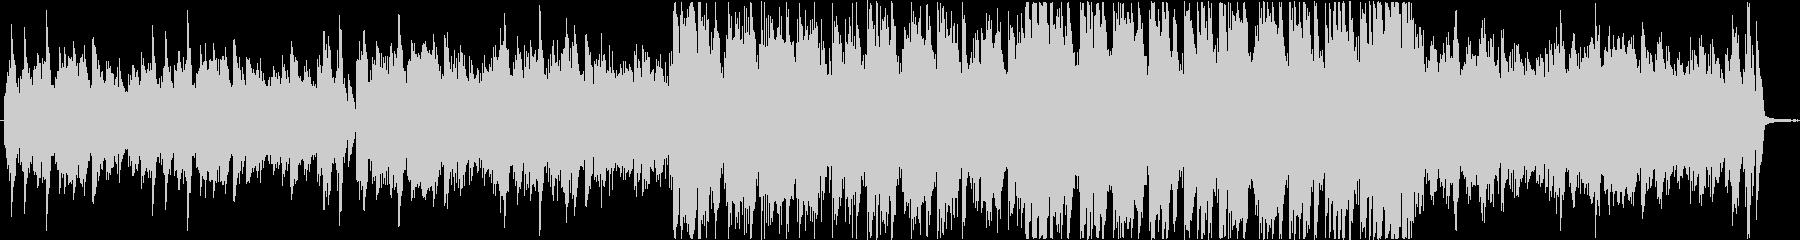 印象的なフレーズに繋がるBGMの未再生の波形